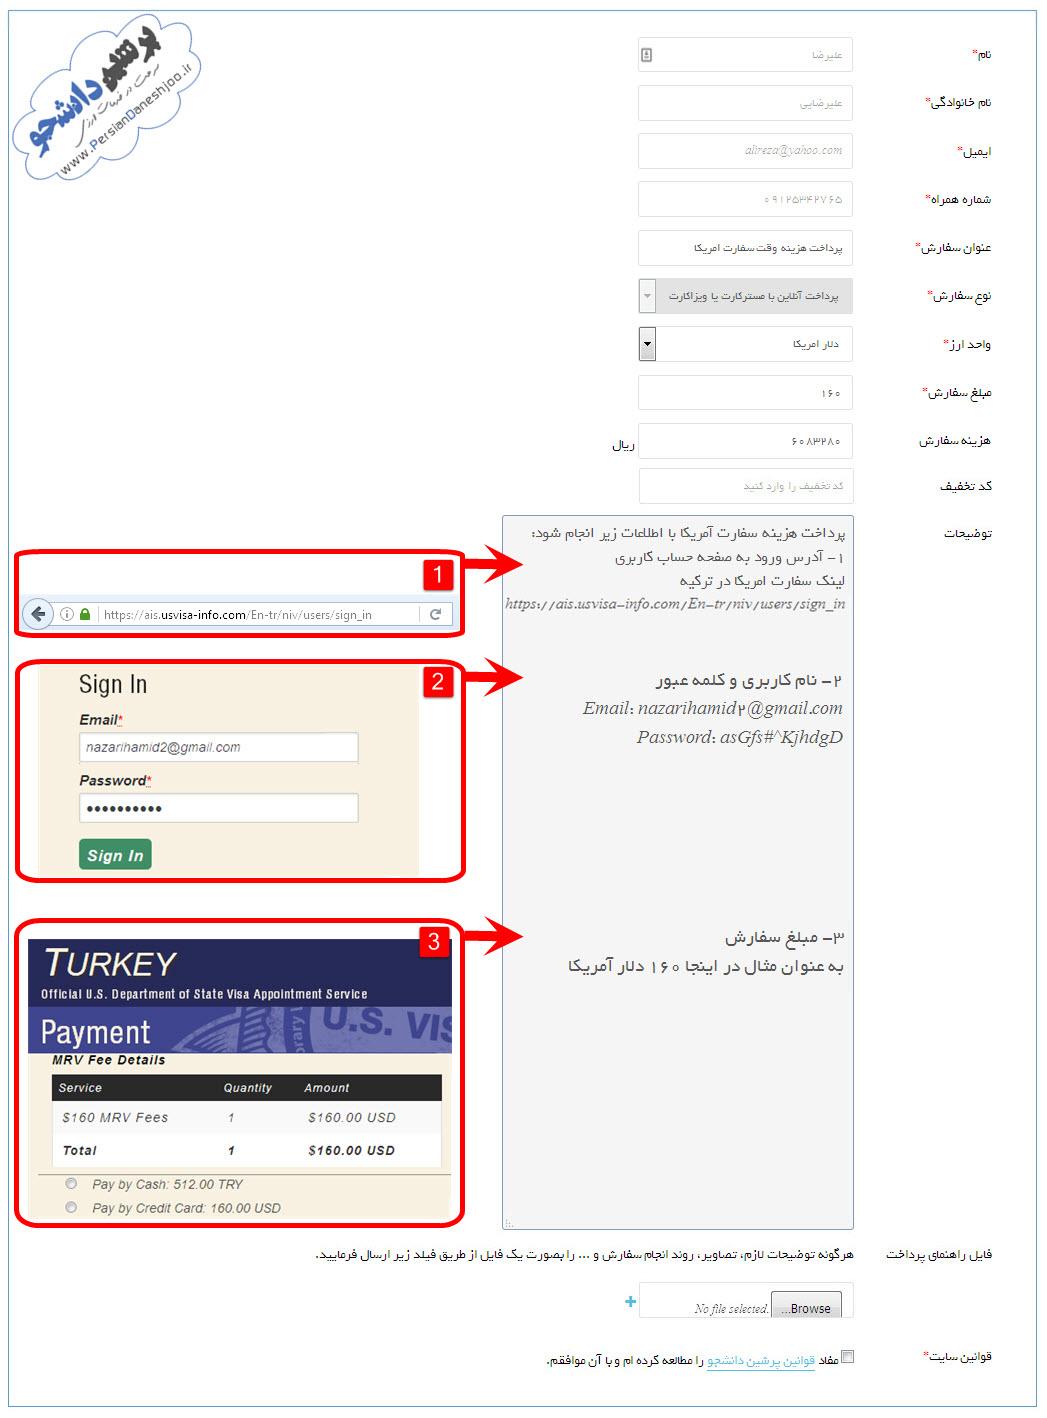 پرداخت هزینه وقت سفارت امریکا Visa